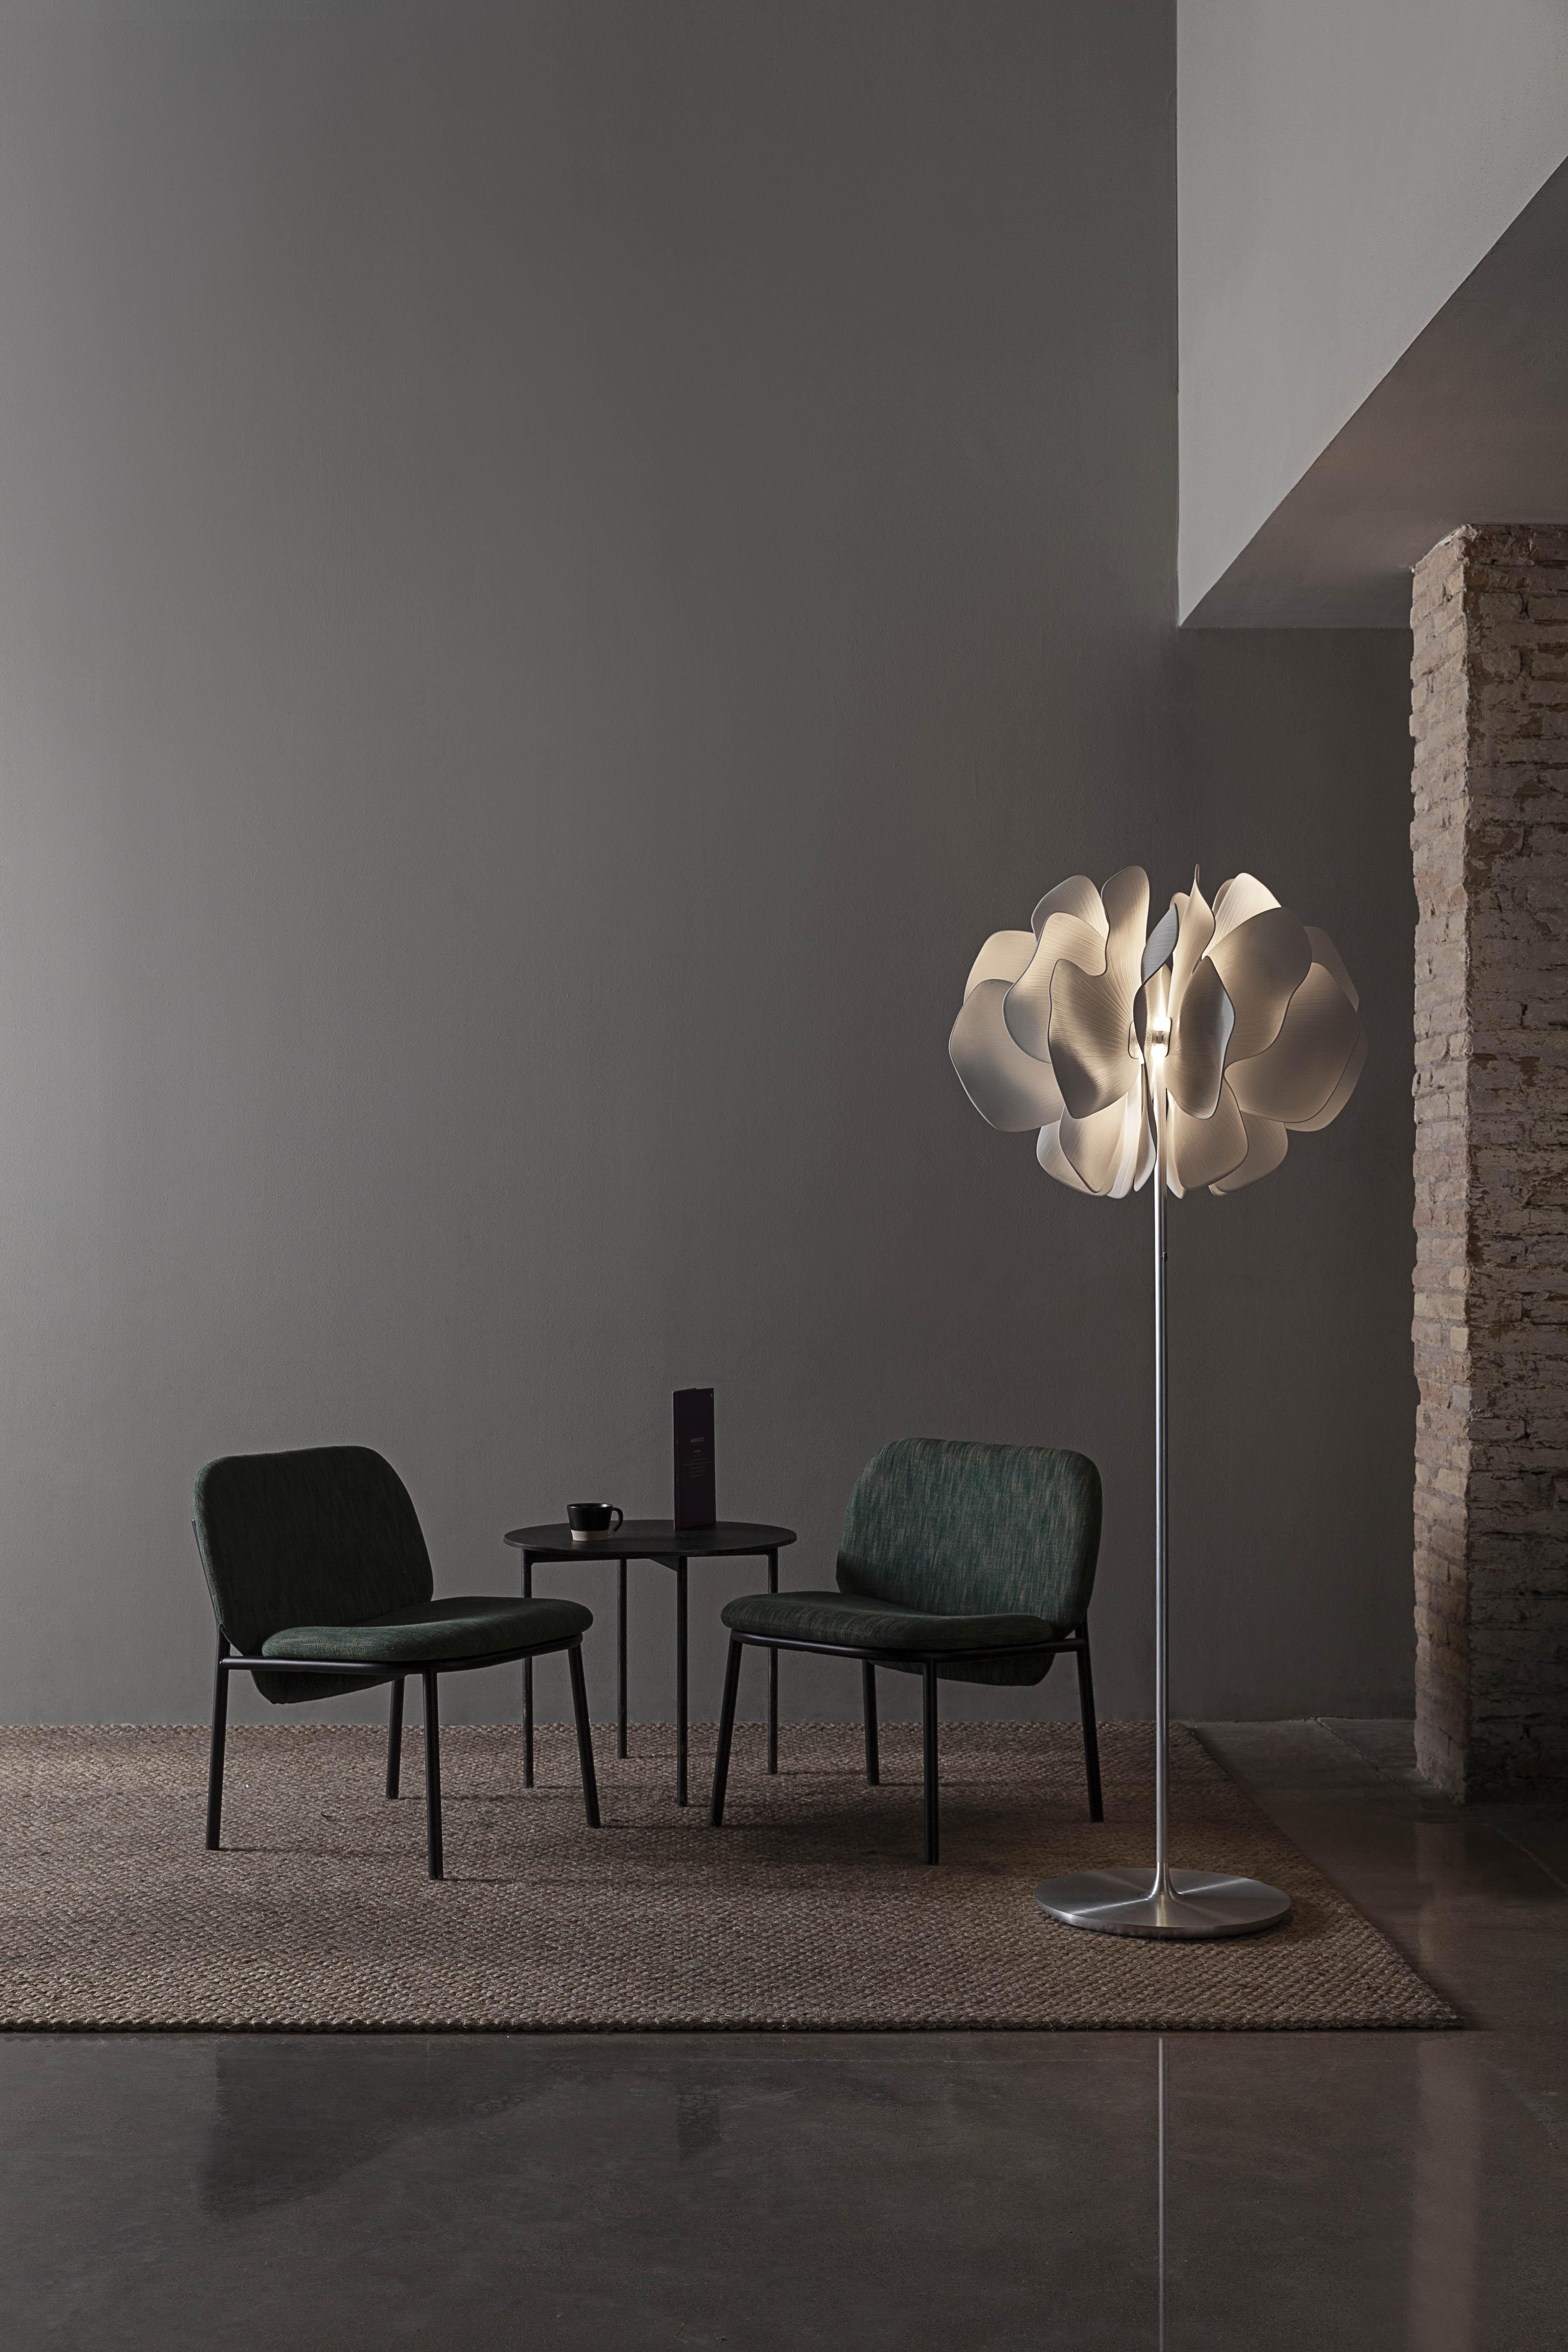 Lladro Nightbloom Floor Lamp by Marcel Wanders